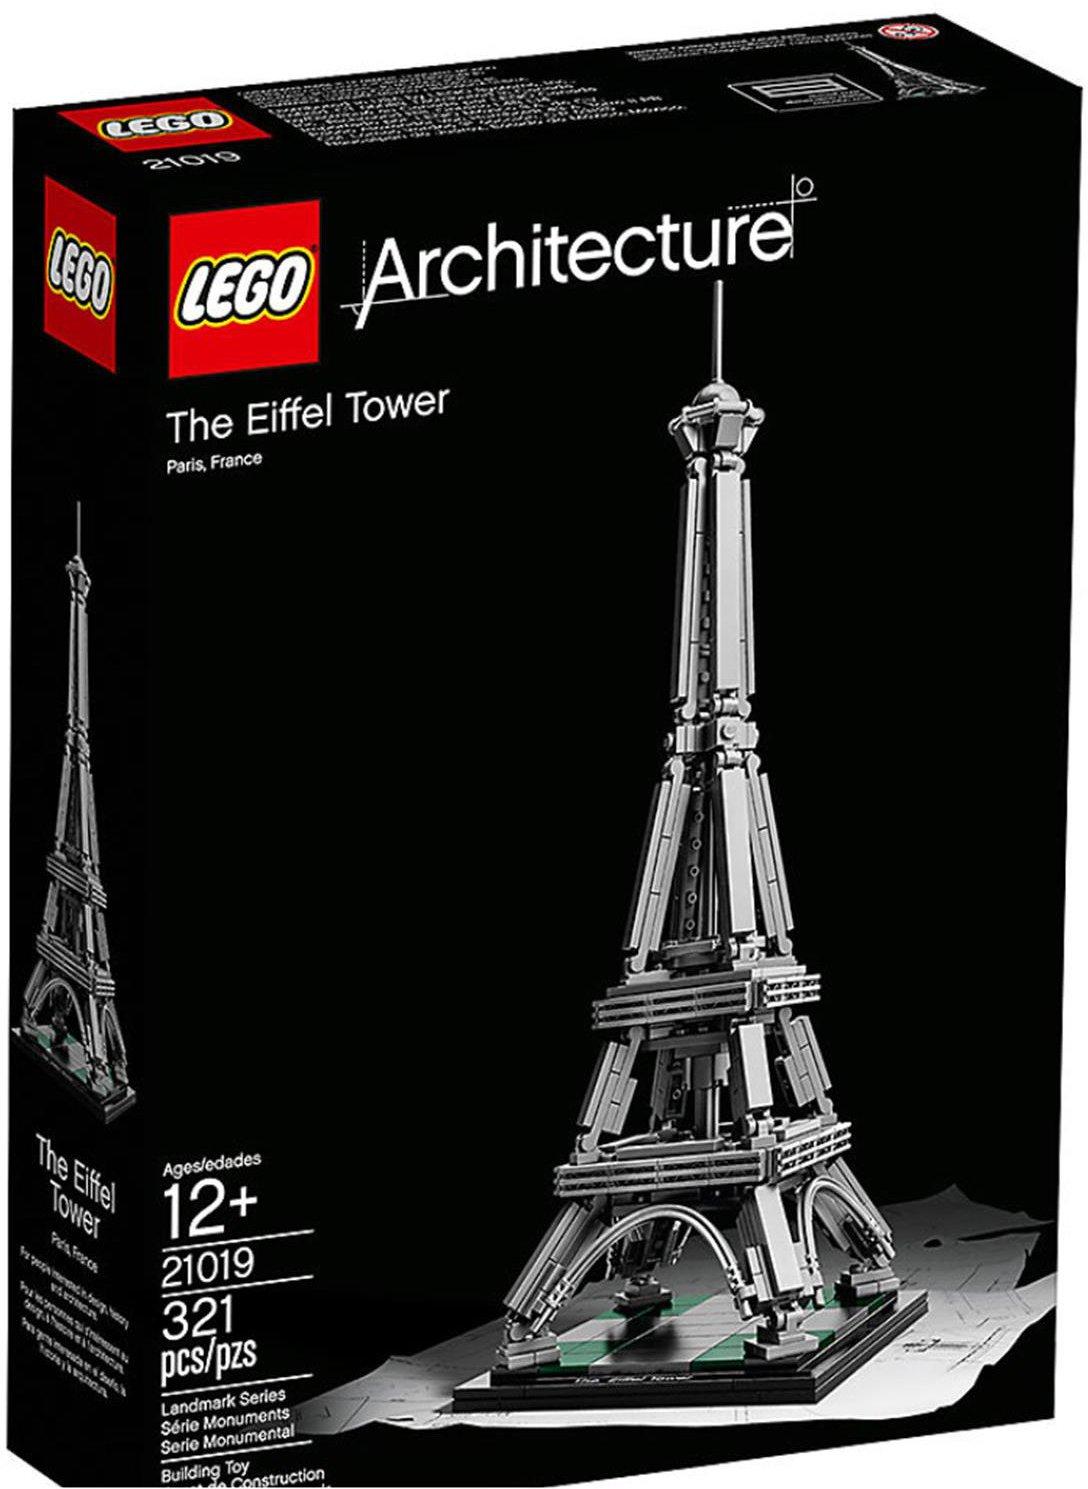 günstig kaufen LEGO Architektur Der Eiffelturm 21019